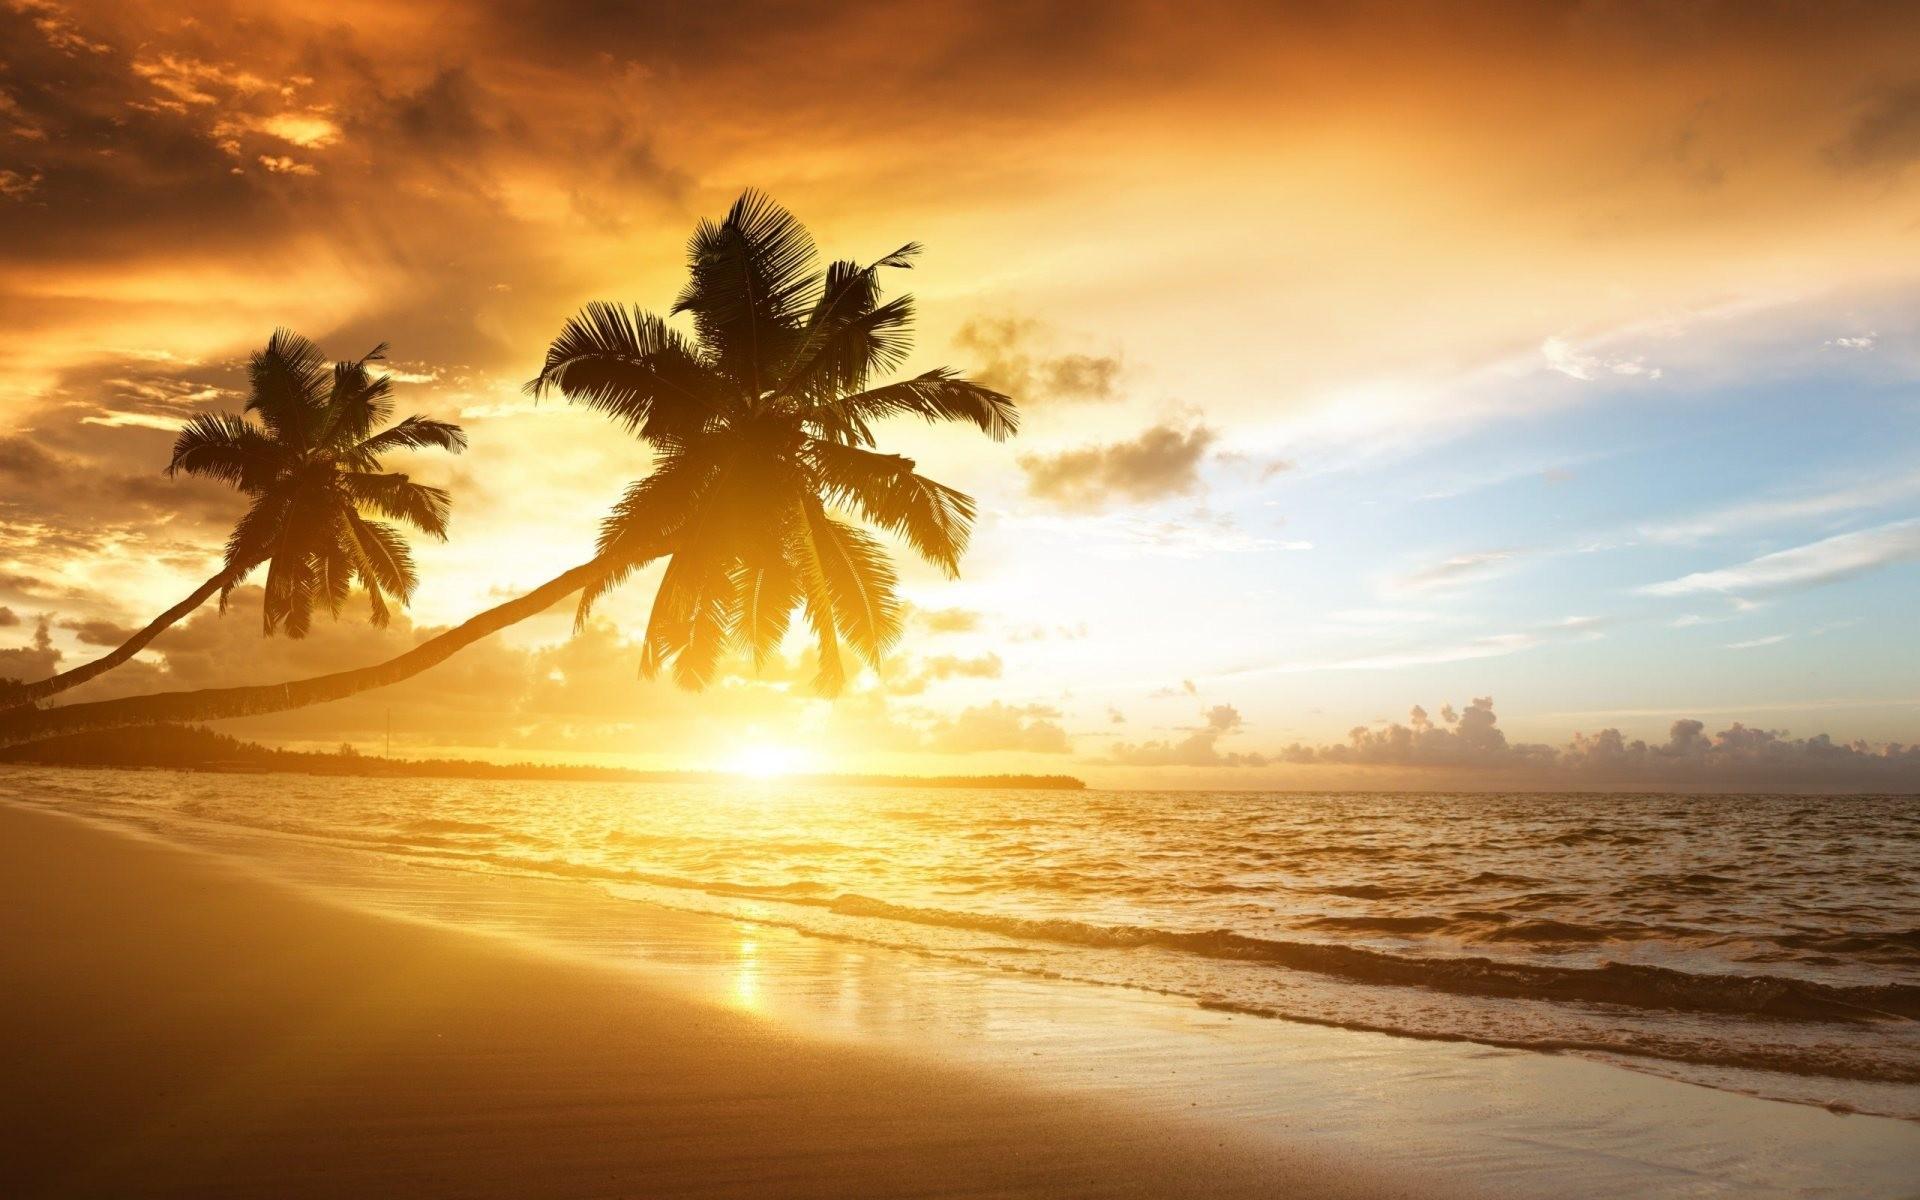 Beach Sunset Wallpapers High Definition As Wallpaper HD